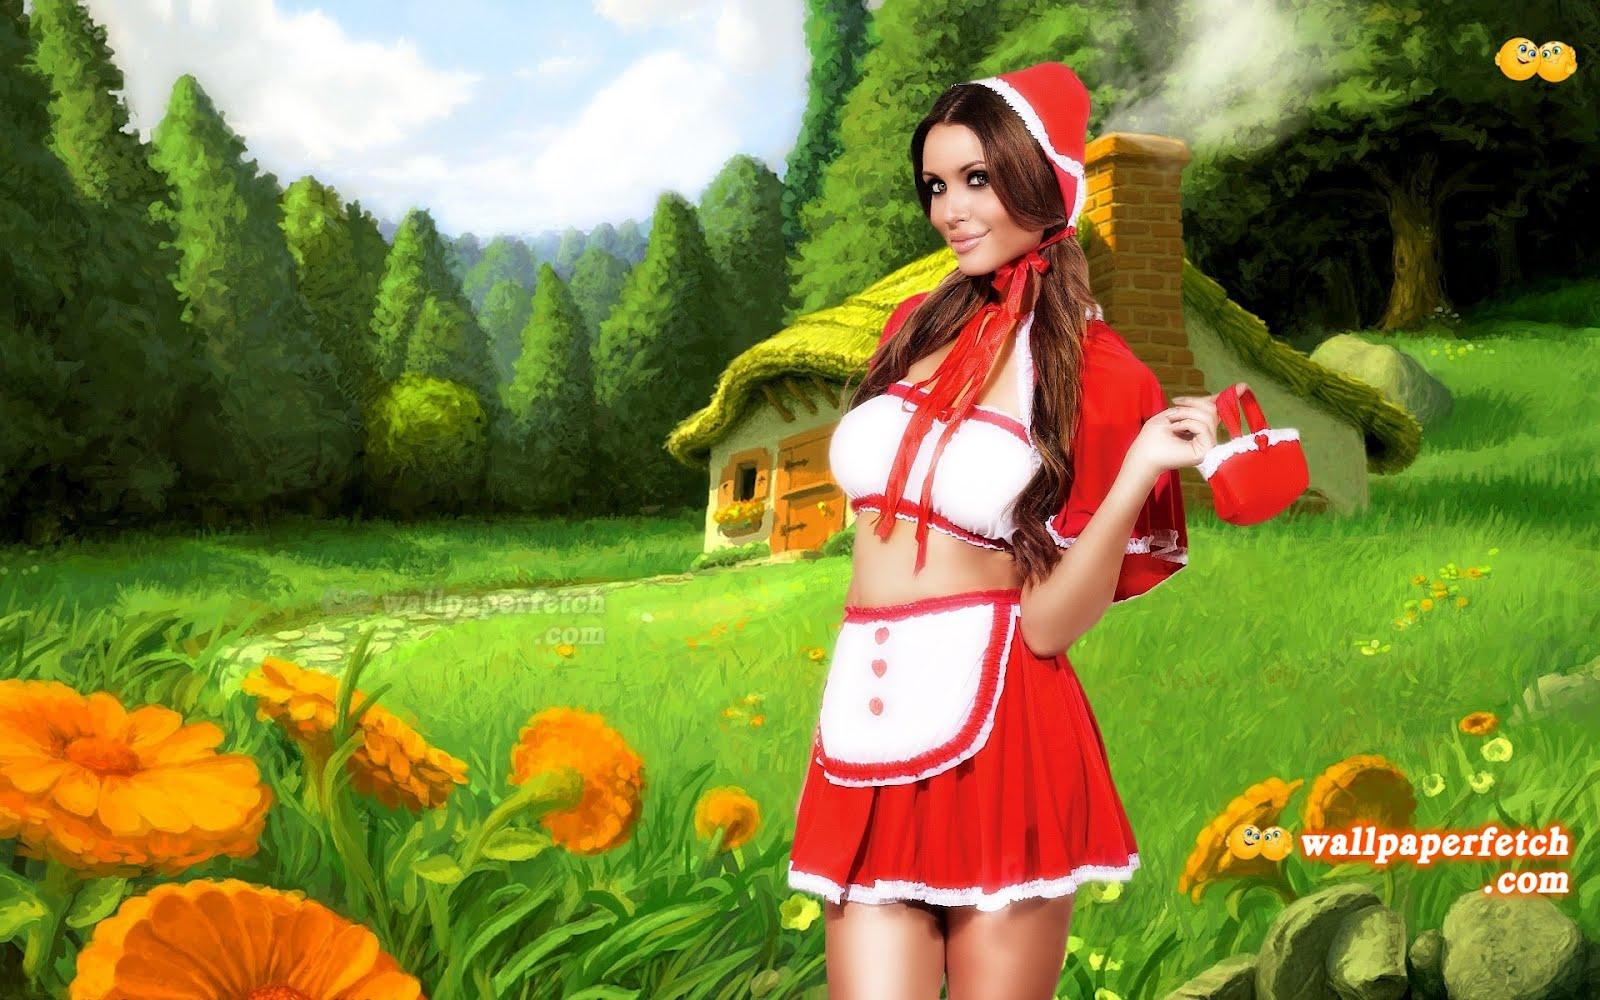 http://3.bp.blogspot.com/-AkNmoNlKV_0/T43IsF0vA1I/AAAAAAAAINQ/8KUtfY6QBqw/s1600/Monika_Pietrasinska_38_Wallpaper_1920x1200_wallpaperhere.JPG